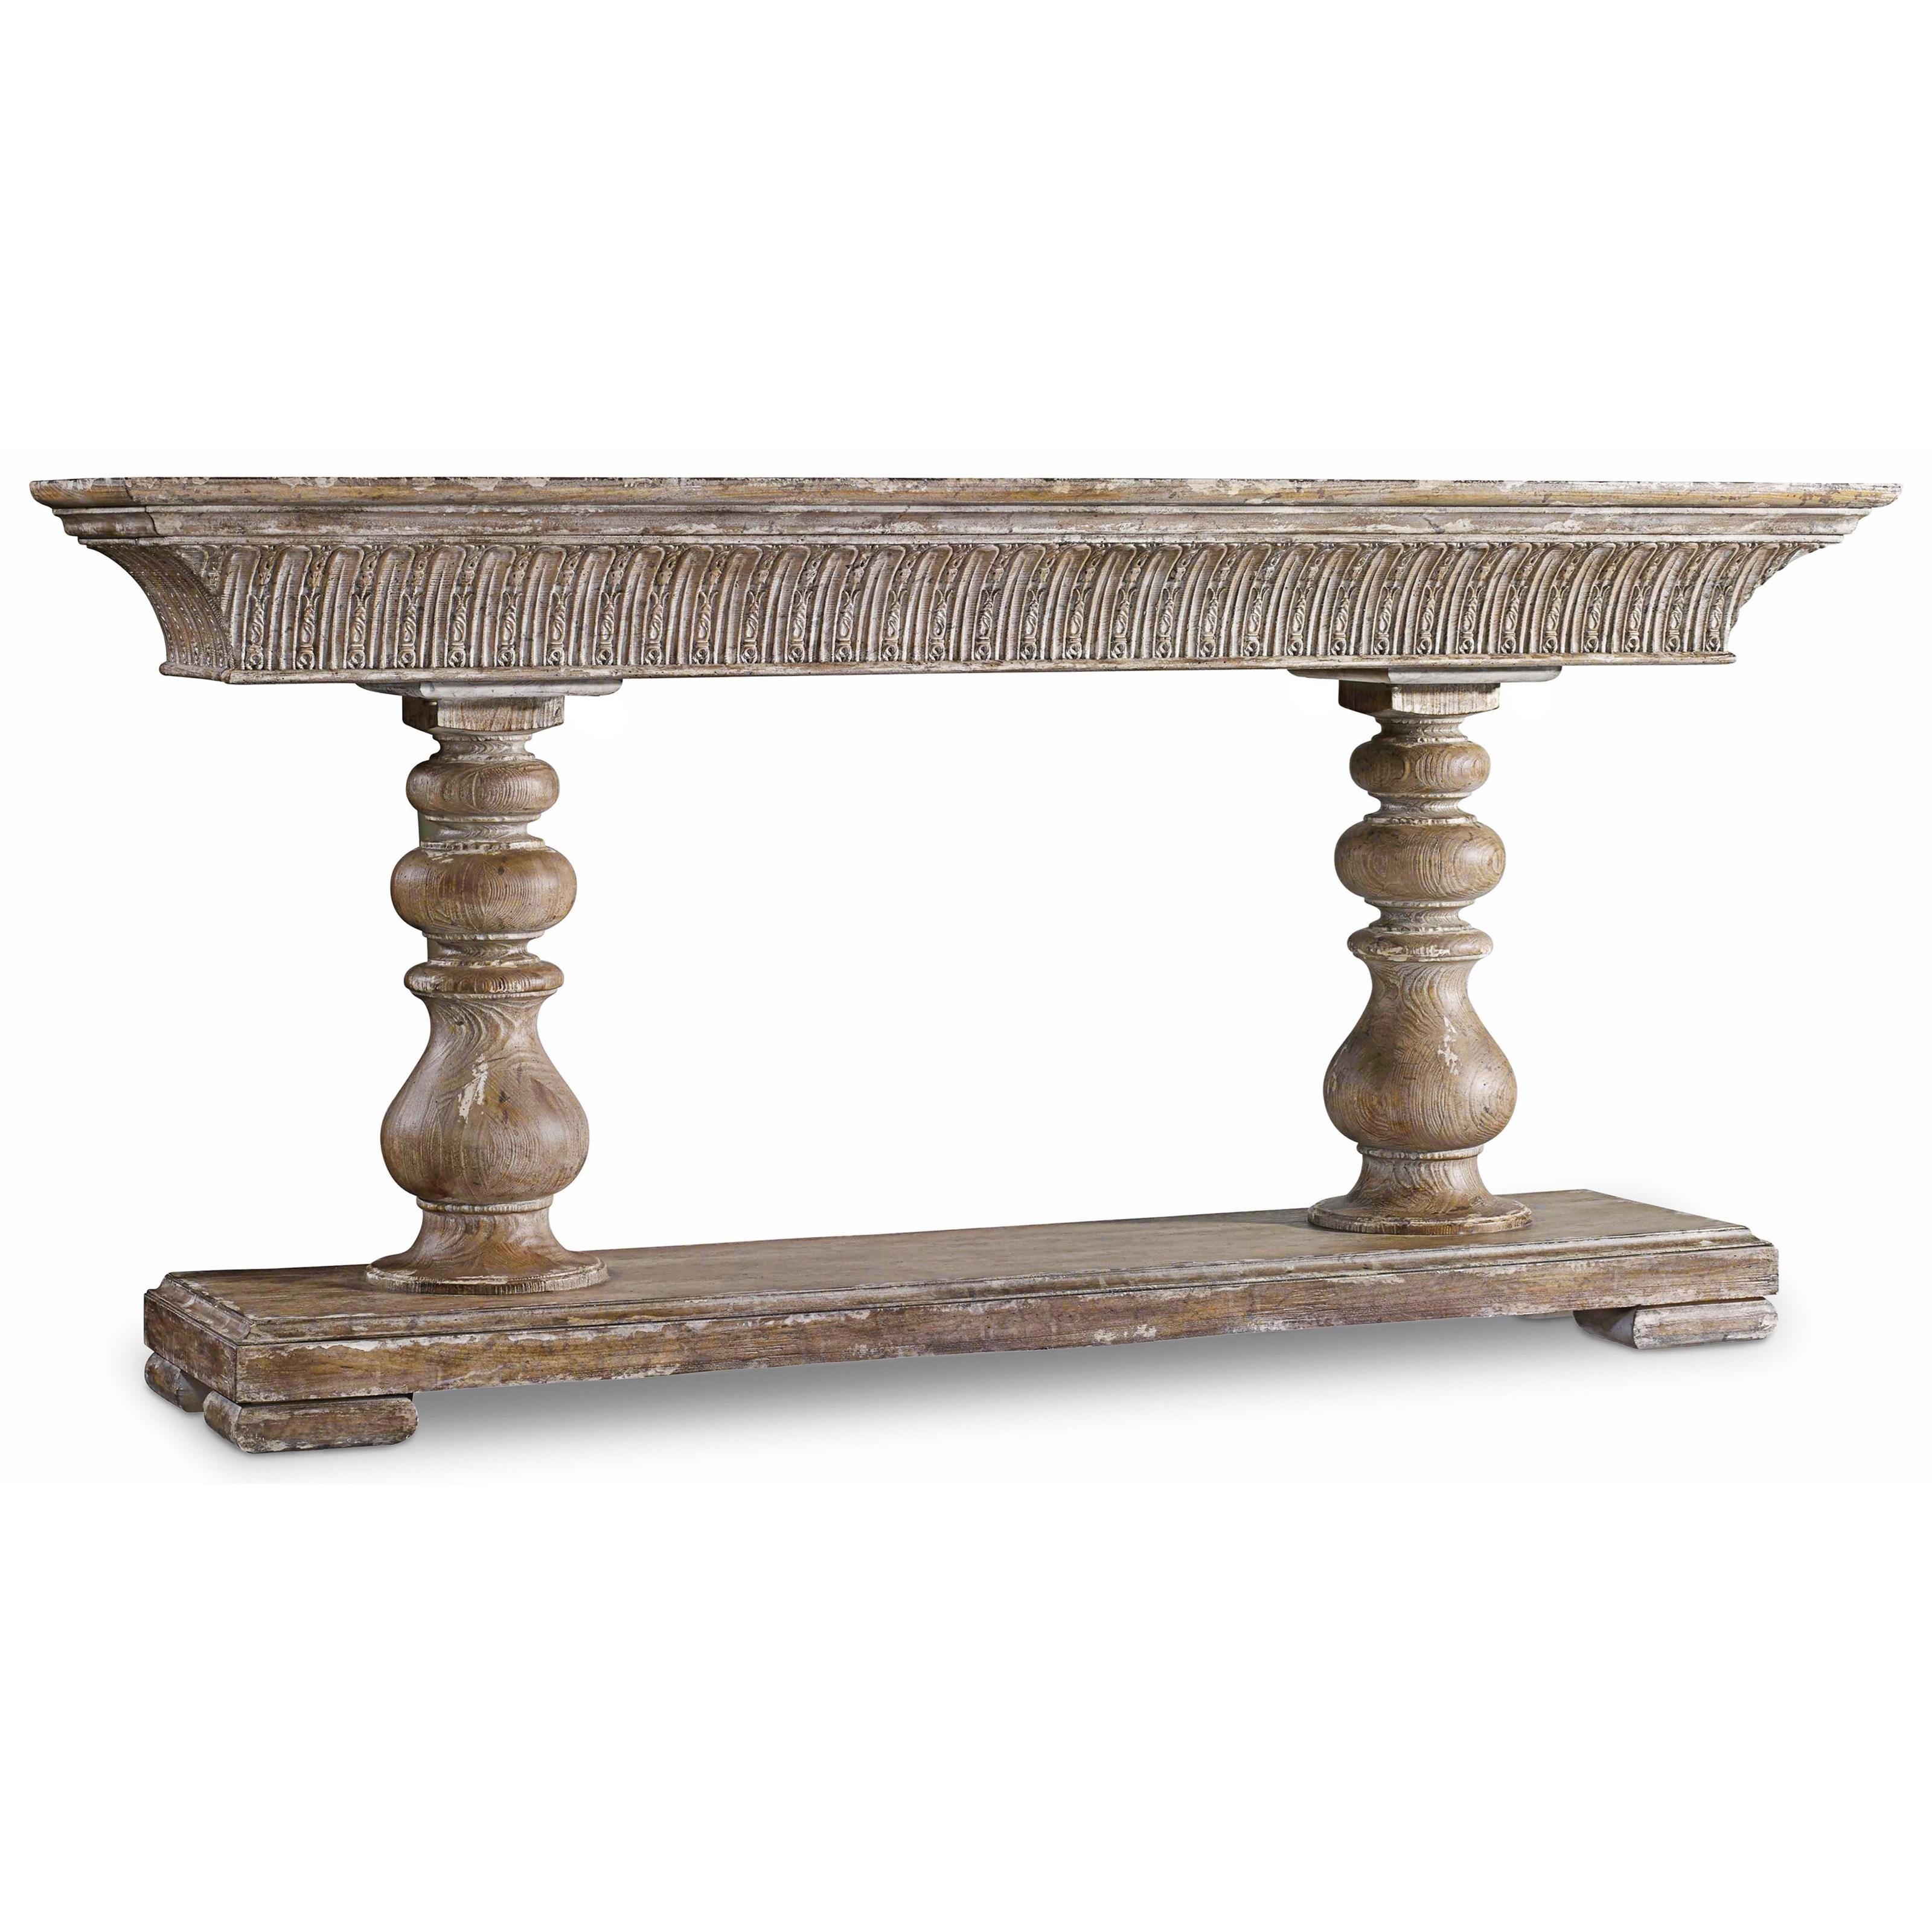 Hooker Furniture Mélange Mulberry Console - Item Number: 638-85265-LTBR